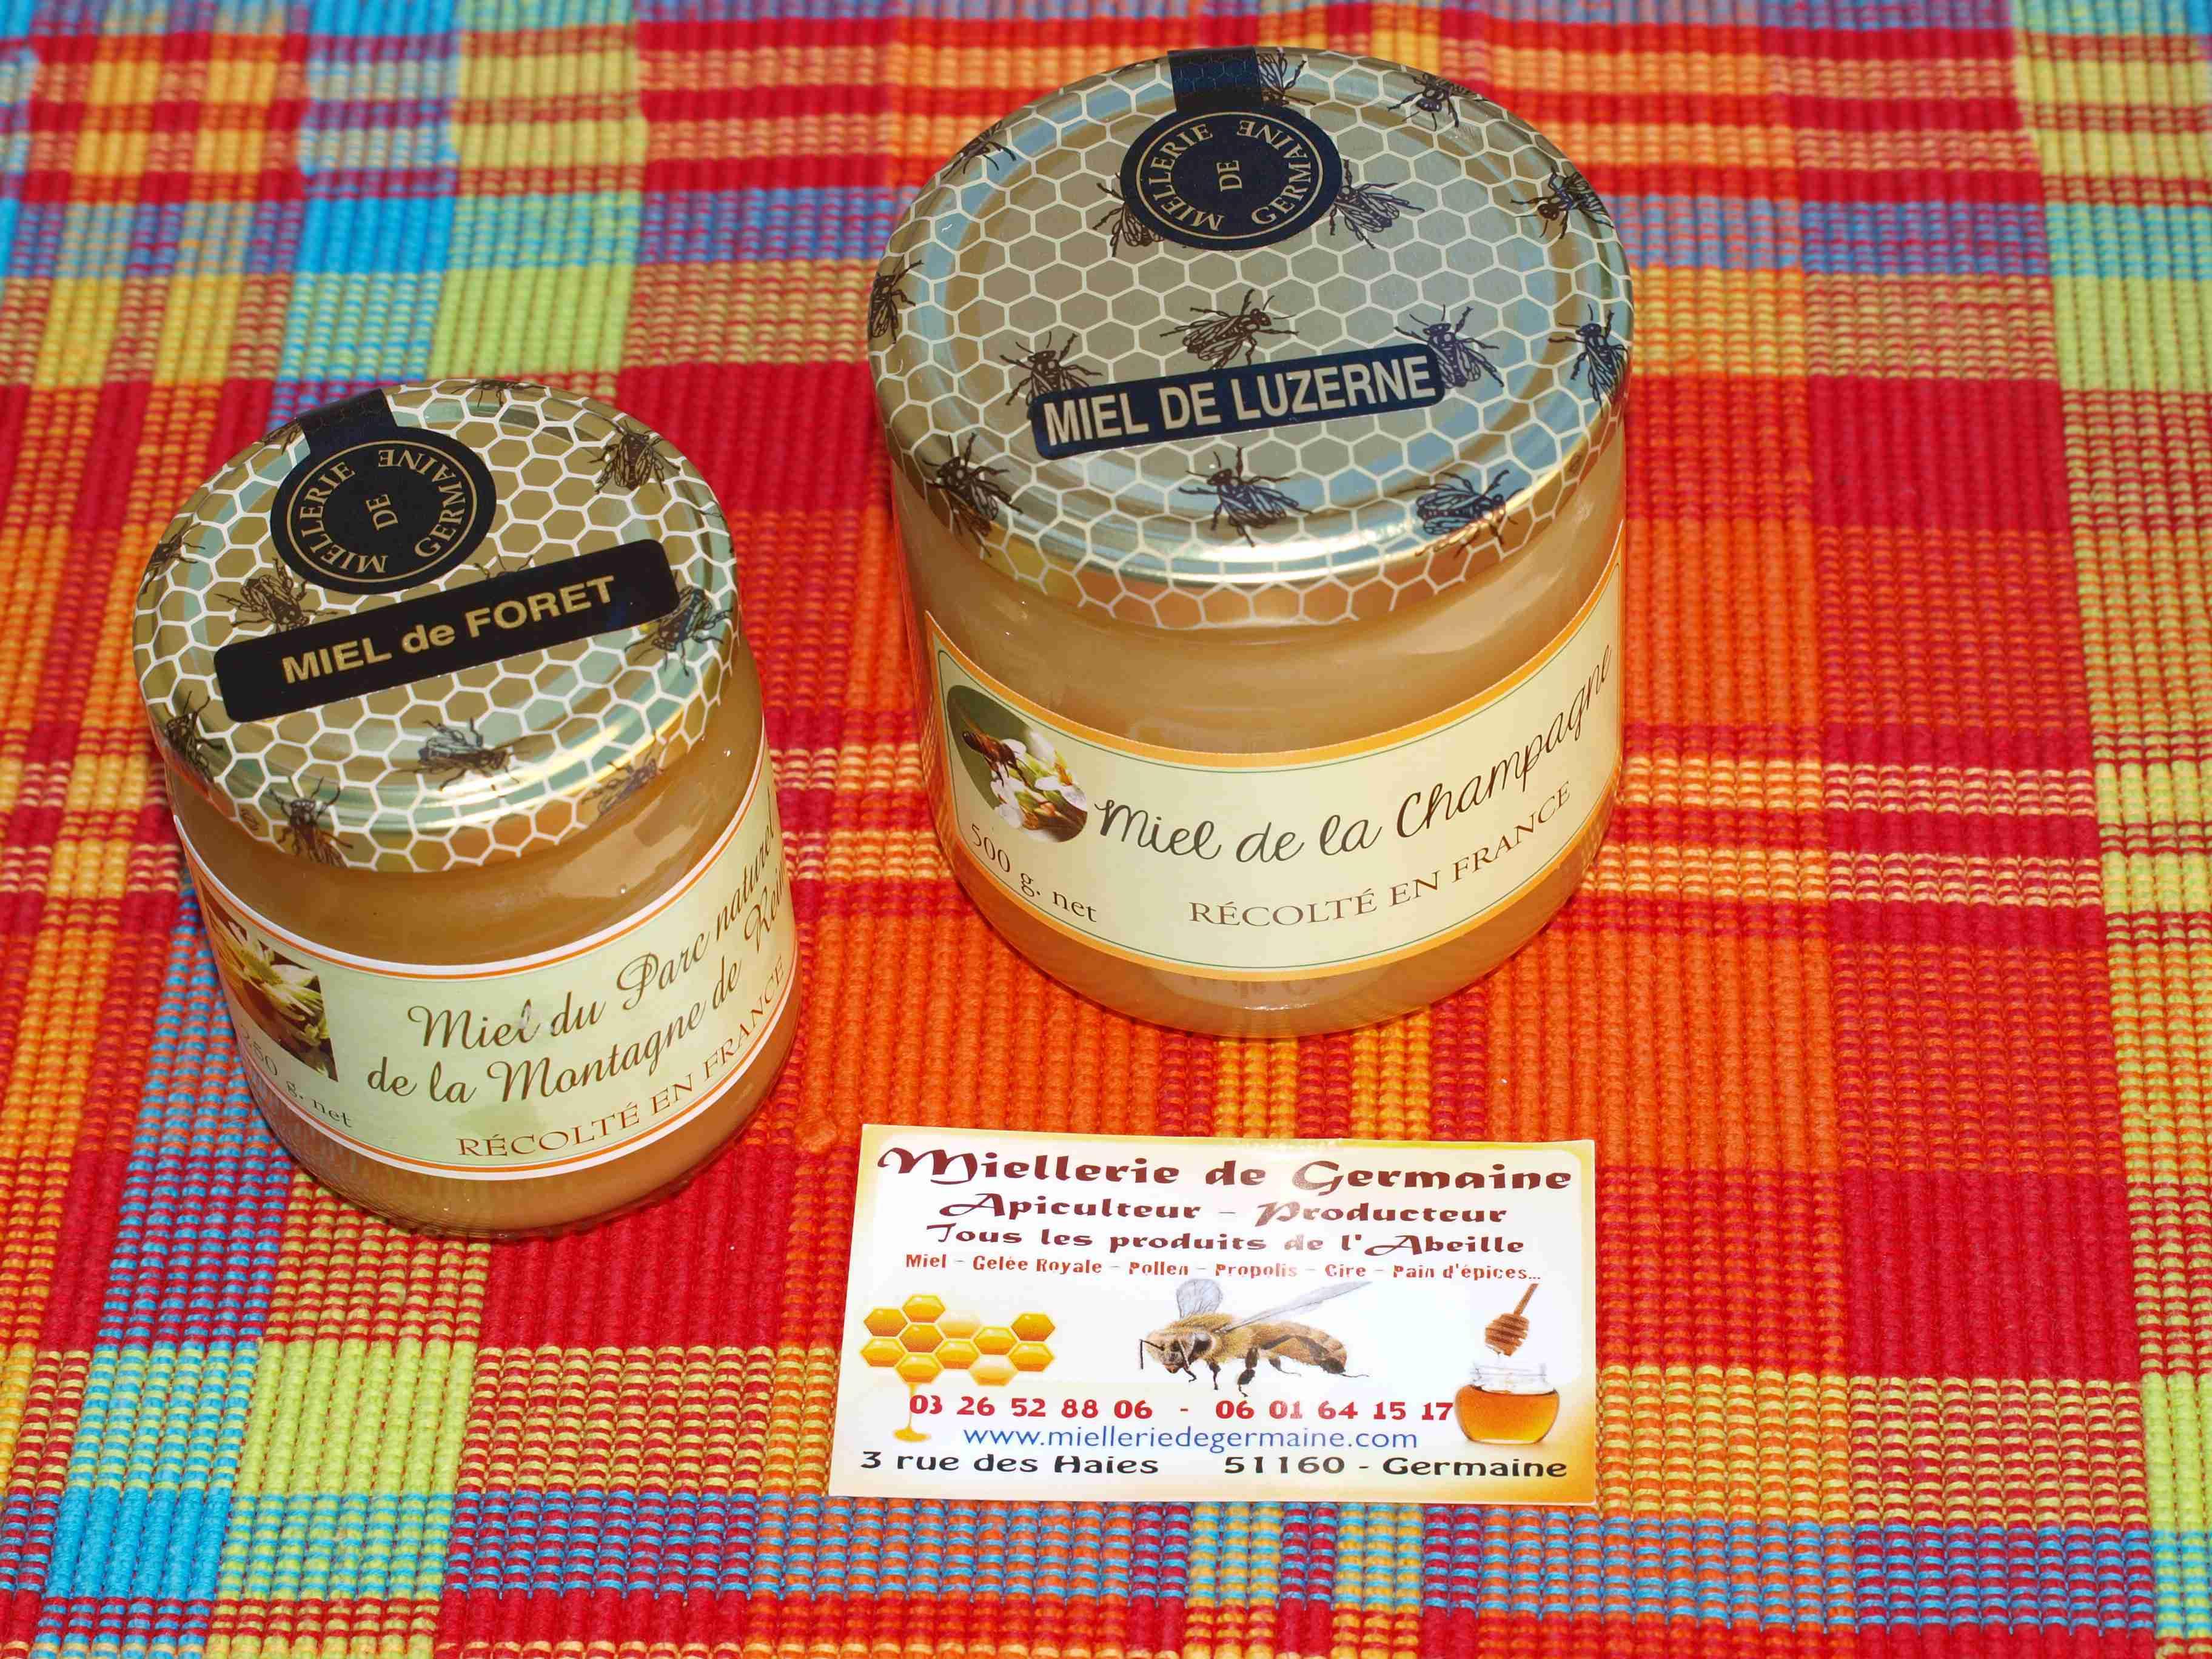 Pots de miel La miellerie de Germaine